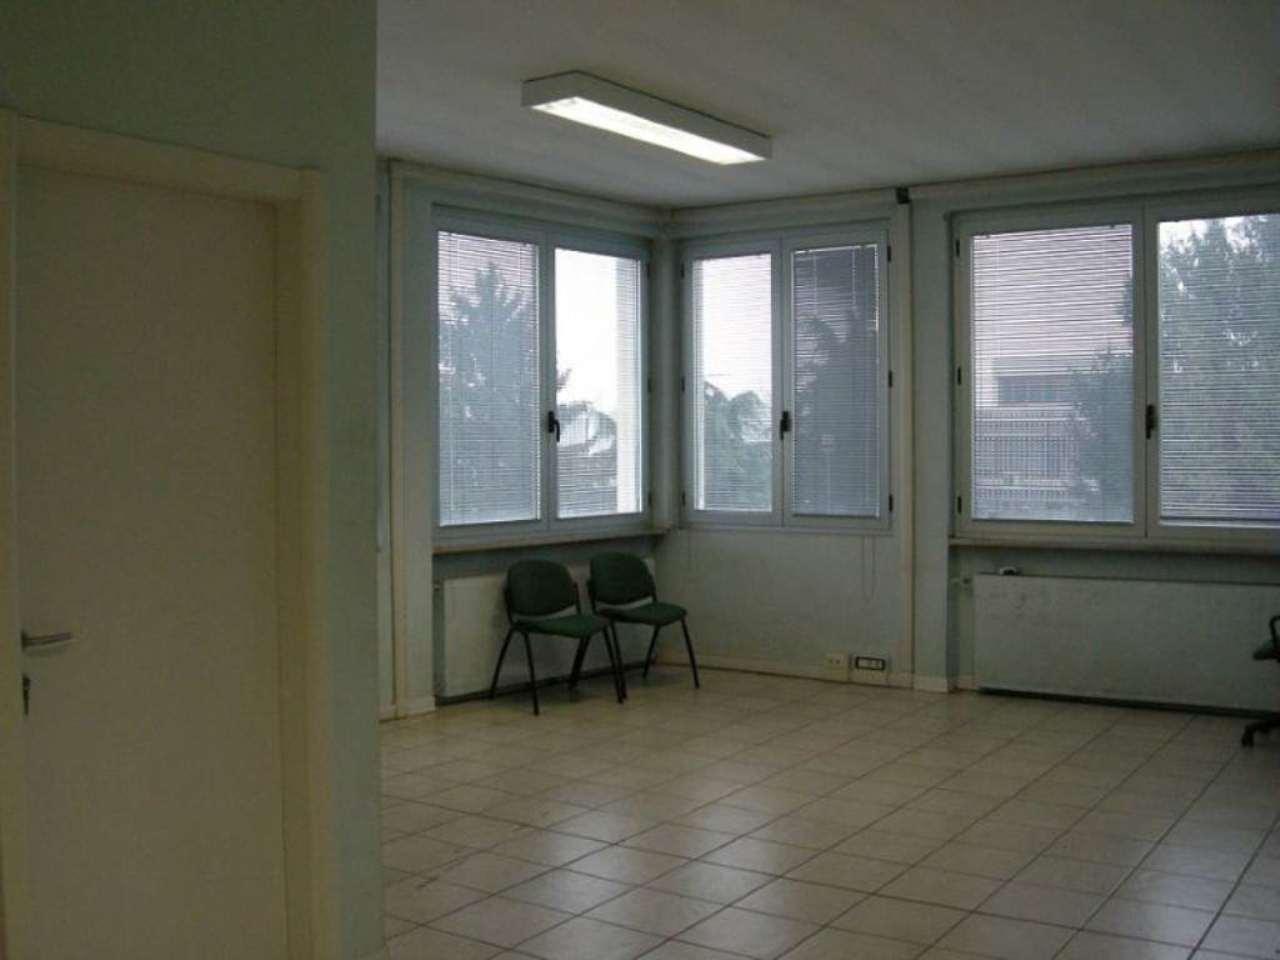 Ufficio / Studio in affitto a Cernusco sul Naviglio, 9999 locali, prezzo € 833 | CambioCasa.it